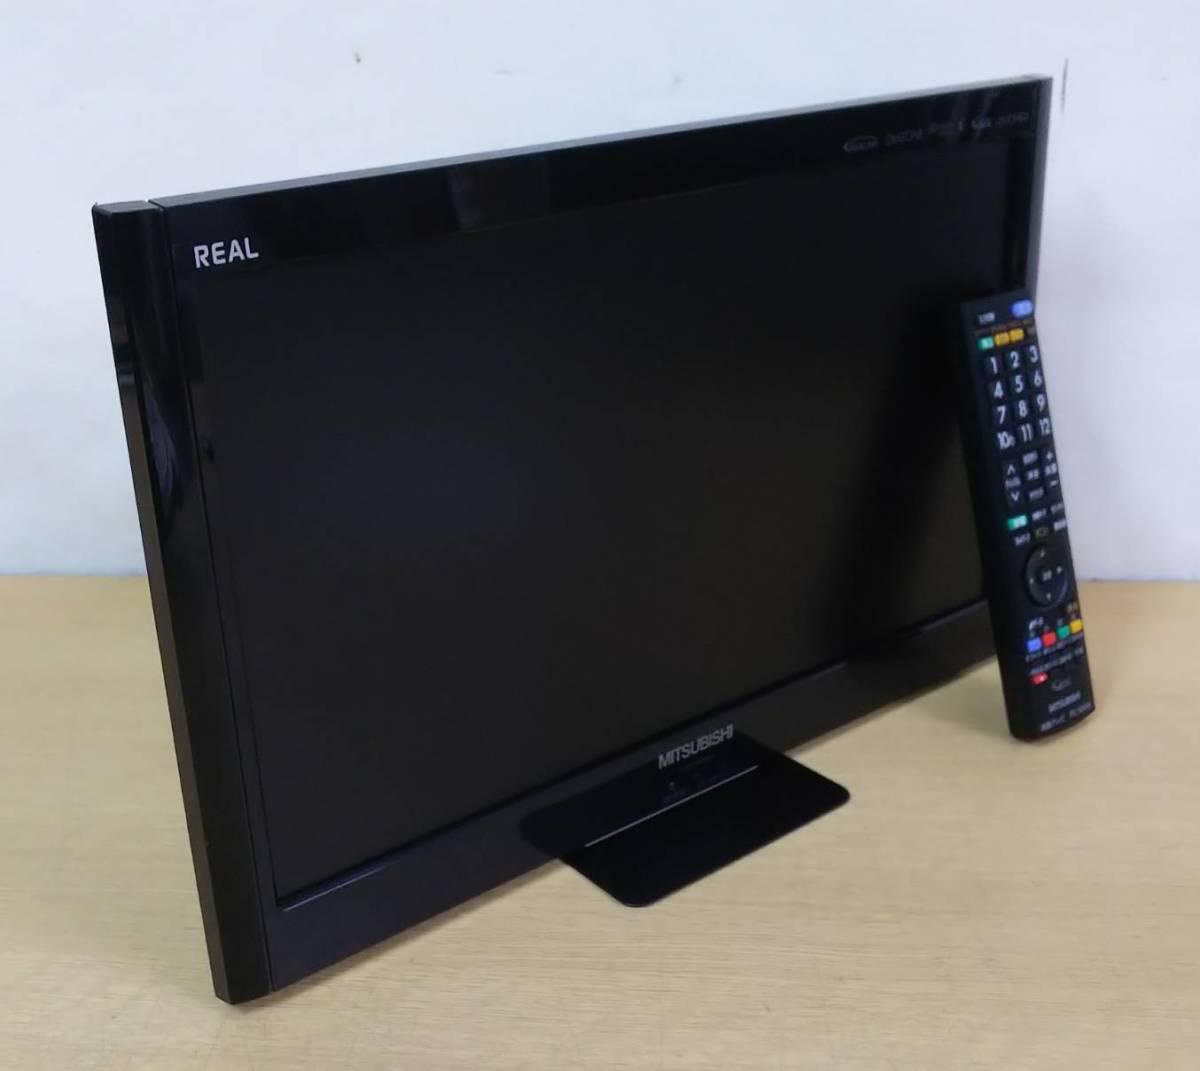 良品「しゃべるテレビ」三菱REAL19V型 地上・BS・110度CSデジタルハイビジョンLEDテレビ LCD-19LB10 オリジナルスタンド付 中古 9台有 _画像2